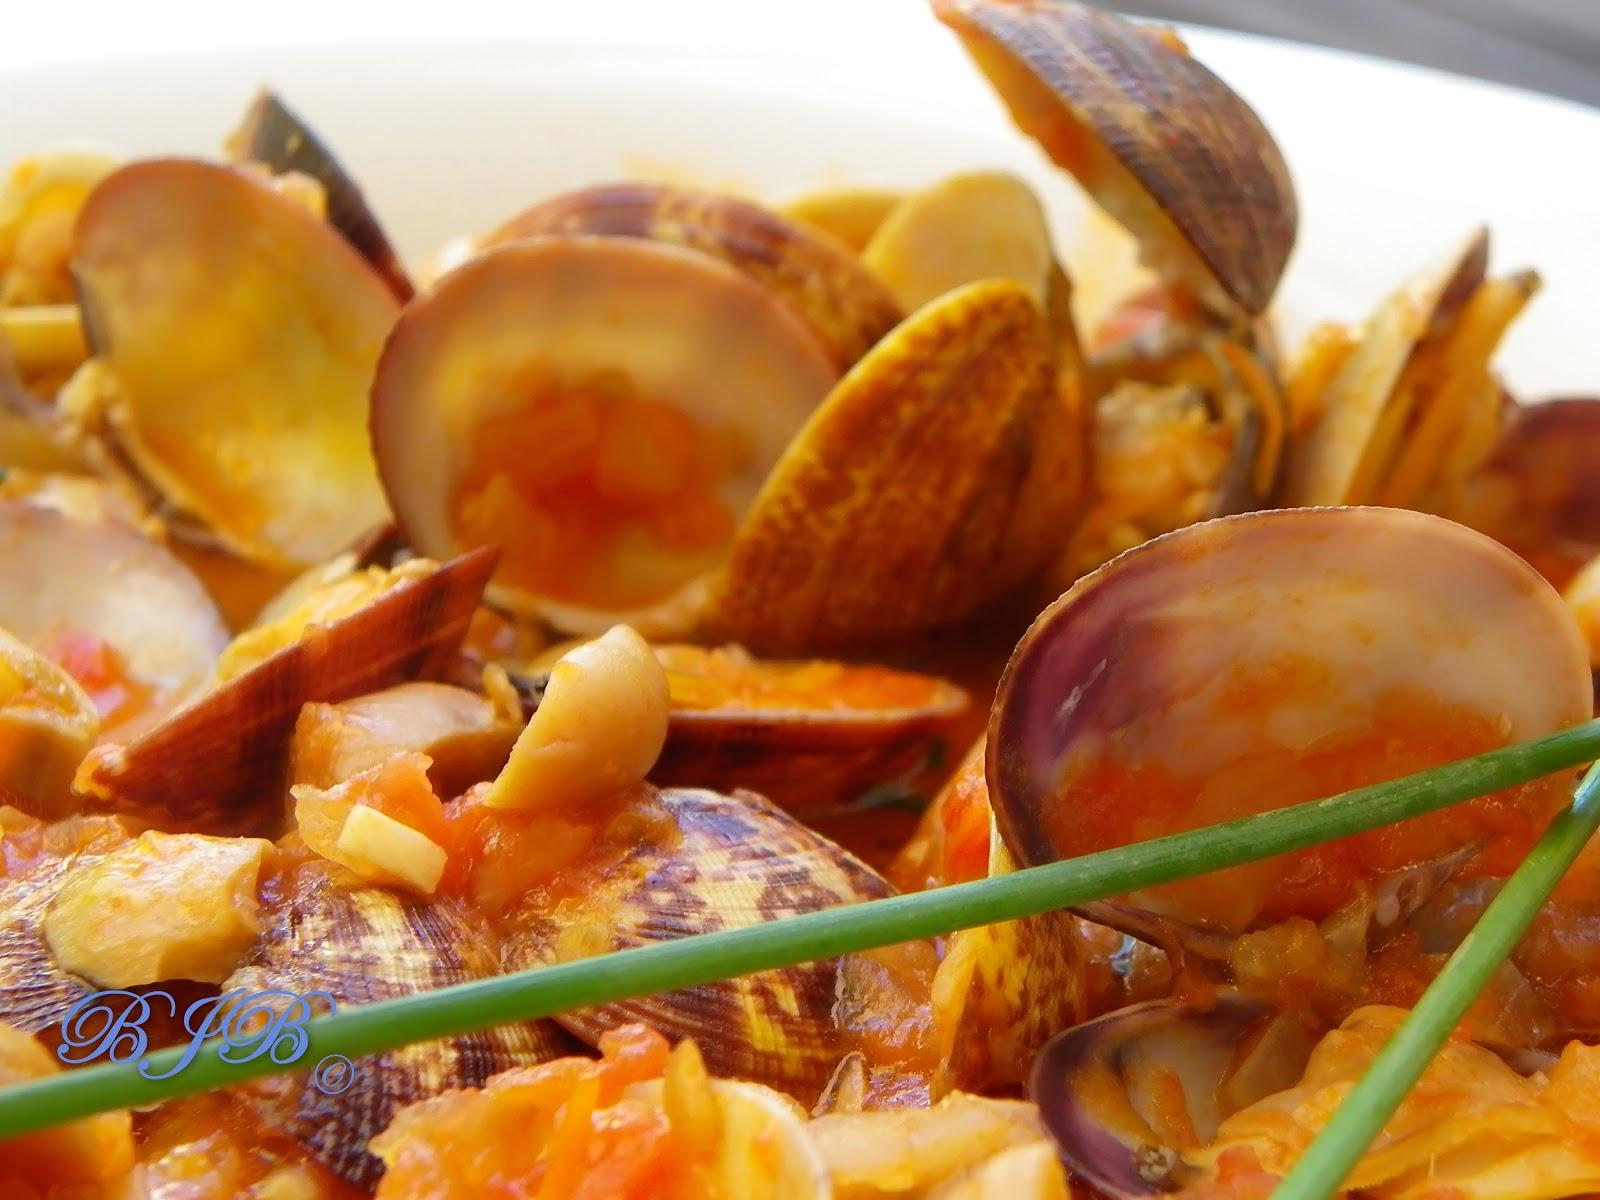 Comida afroantillana almejas en salsa marinera for Como preparar almejas en salsa